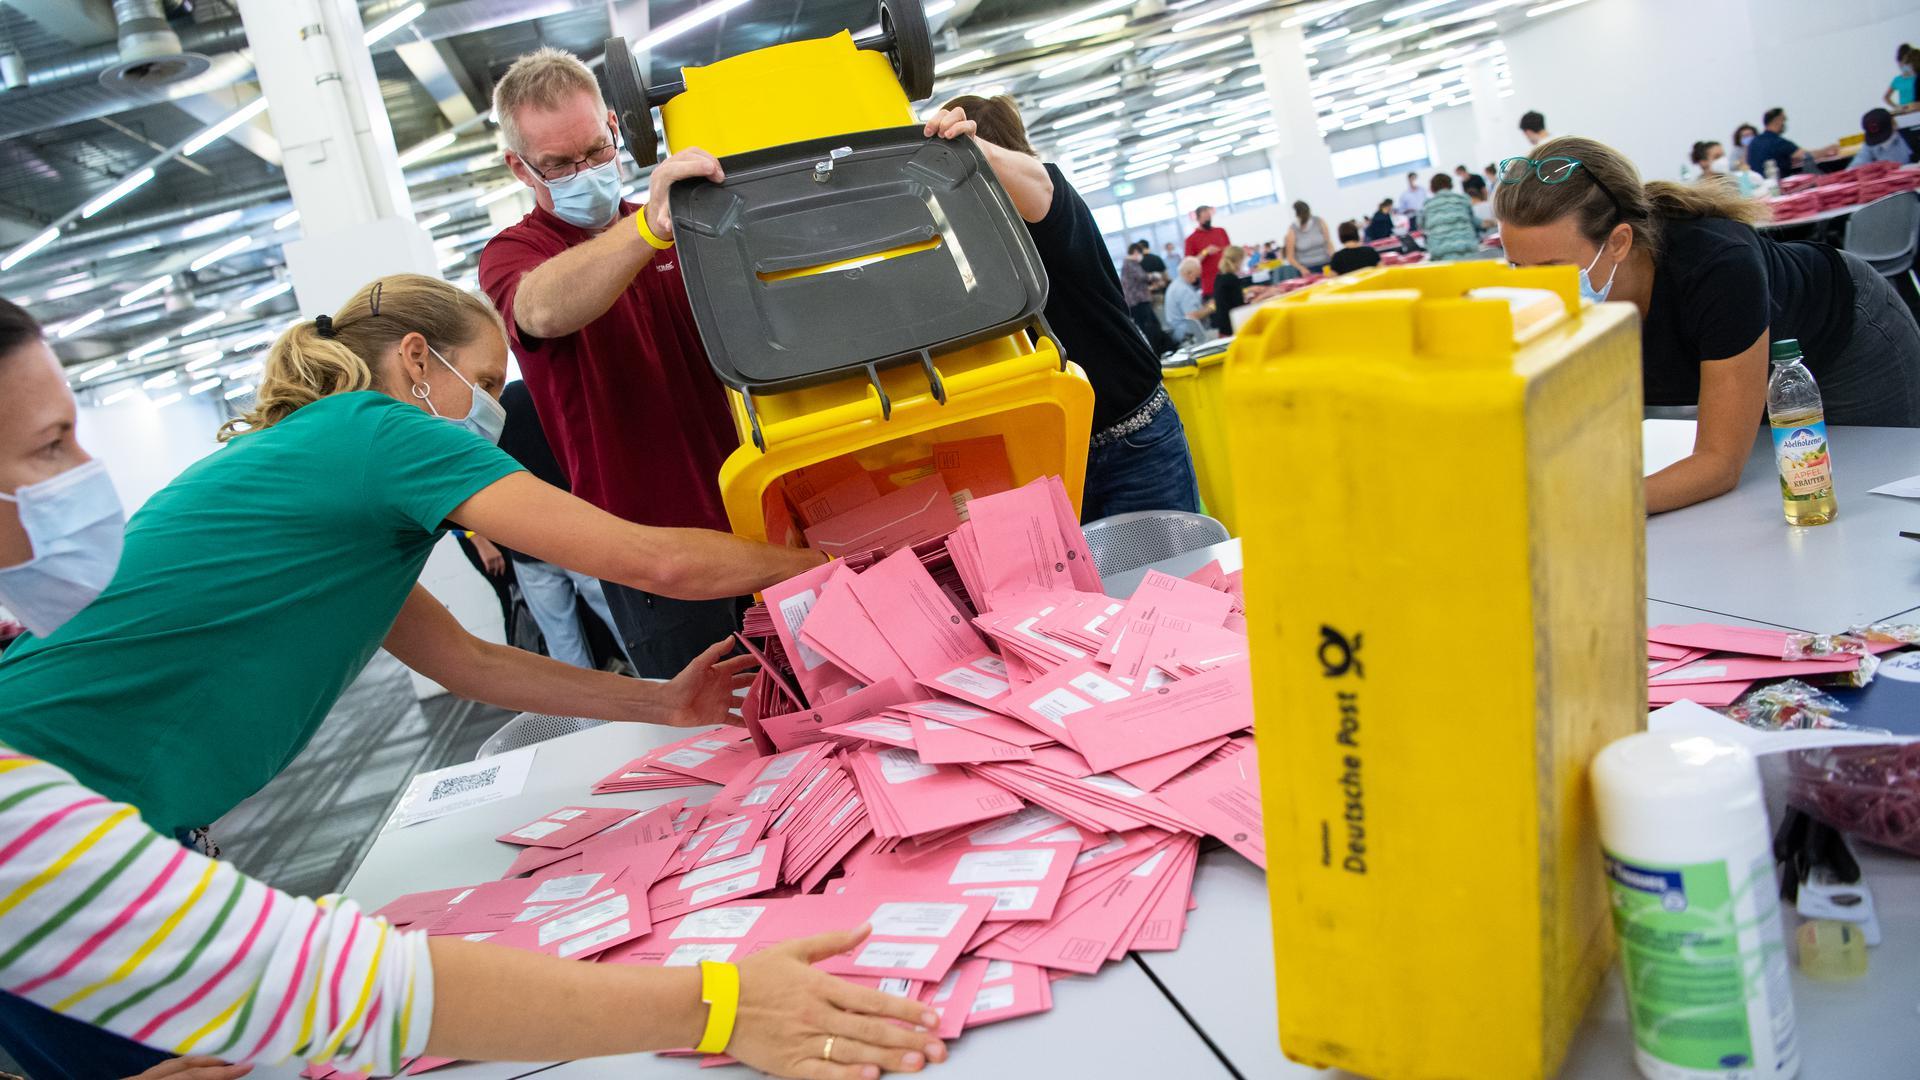 Wahlhelfer bereiten im Veranstaltungs- und Ordercenter (MOC) der Messe München die Auszählung der Briefwahl-Unterlagen vor.